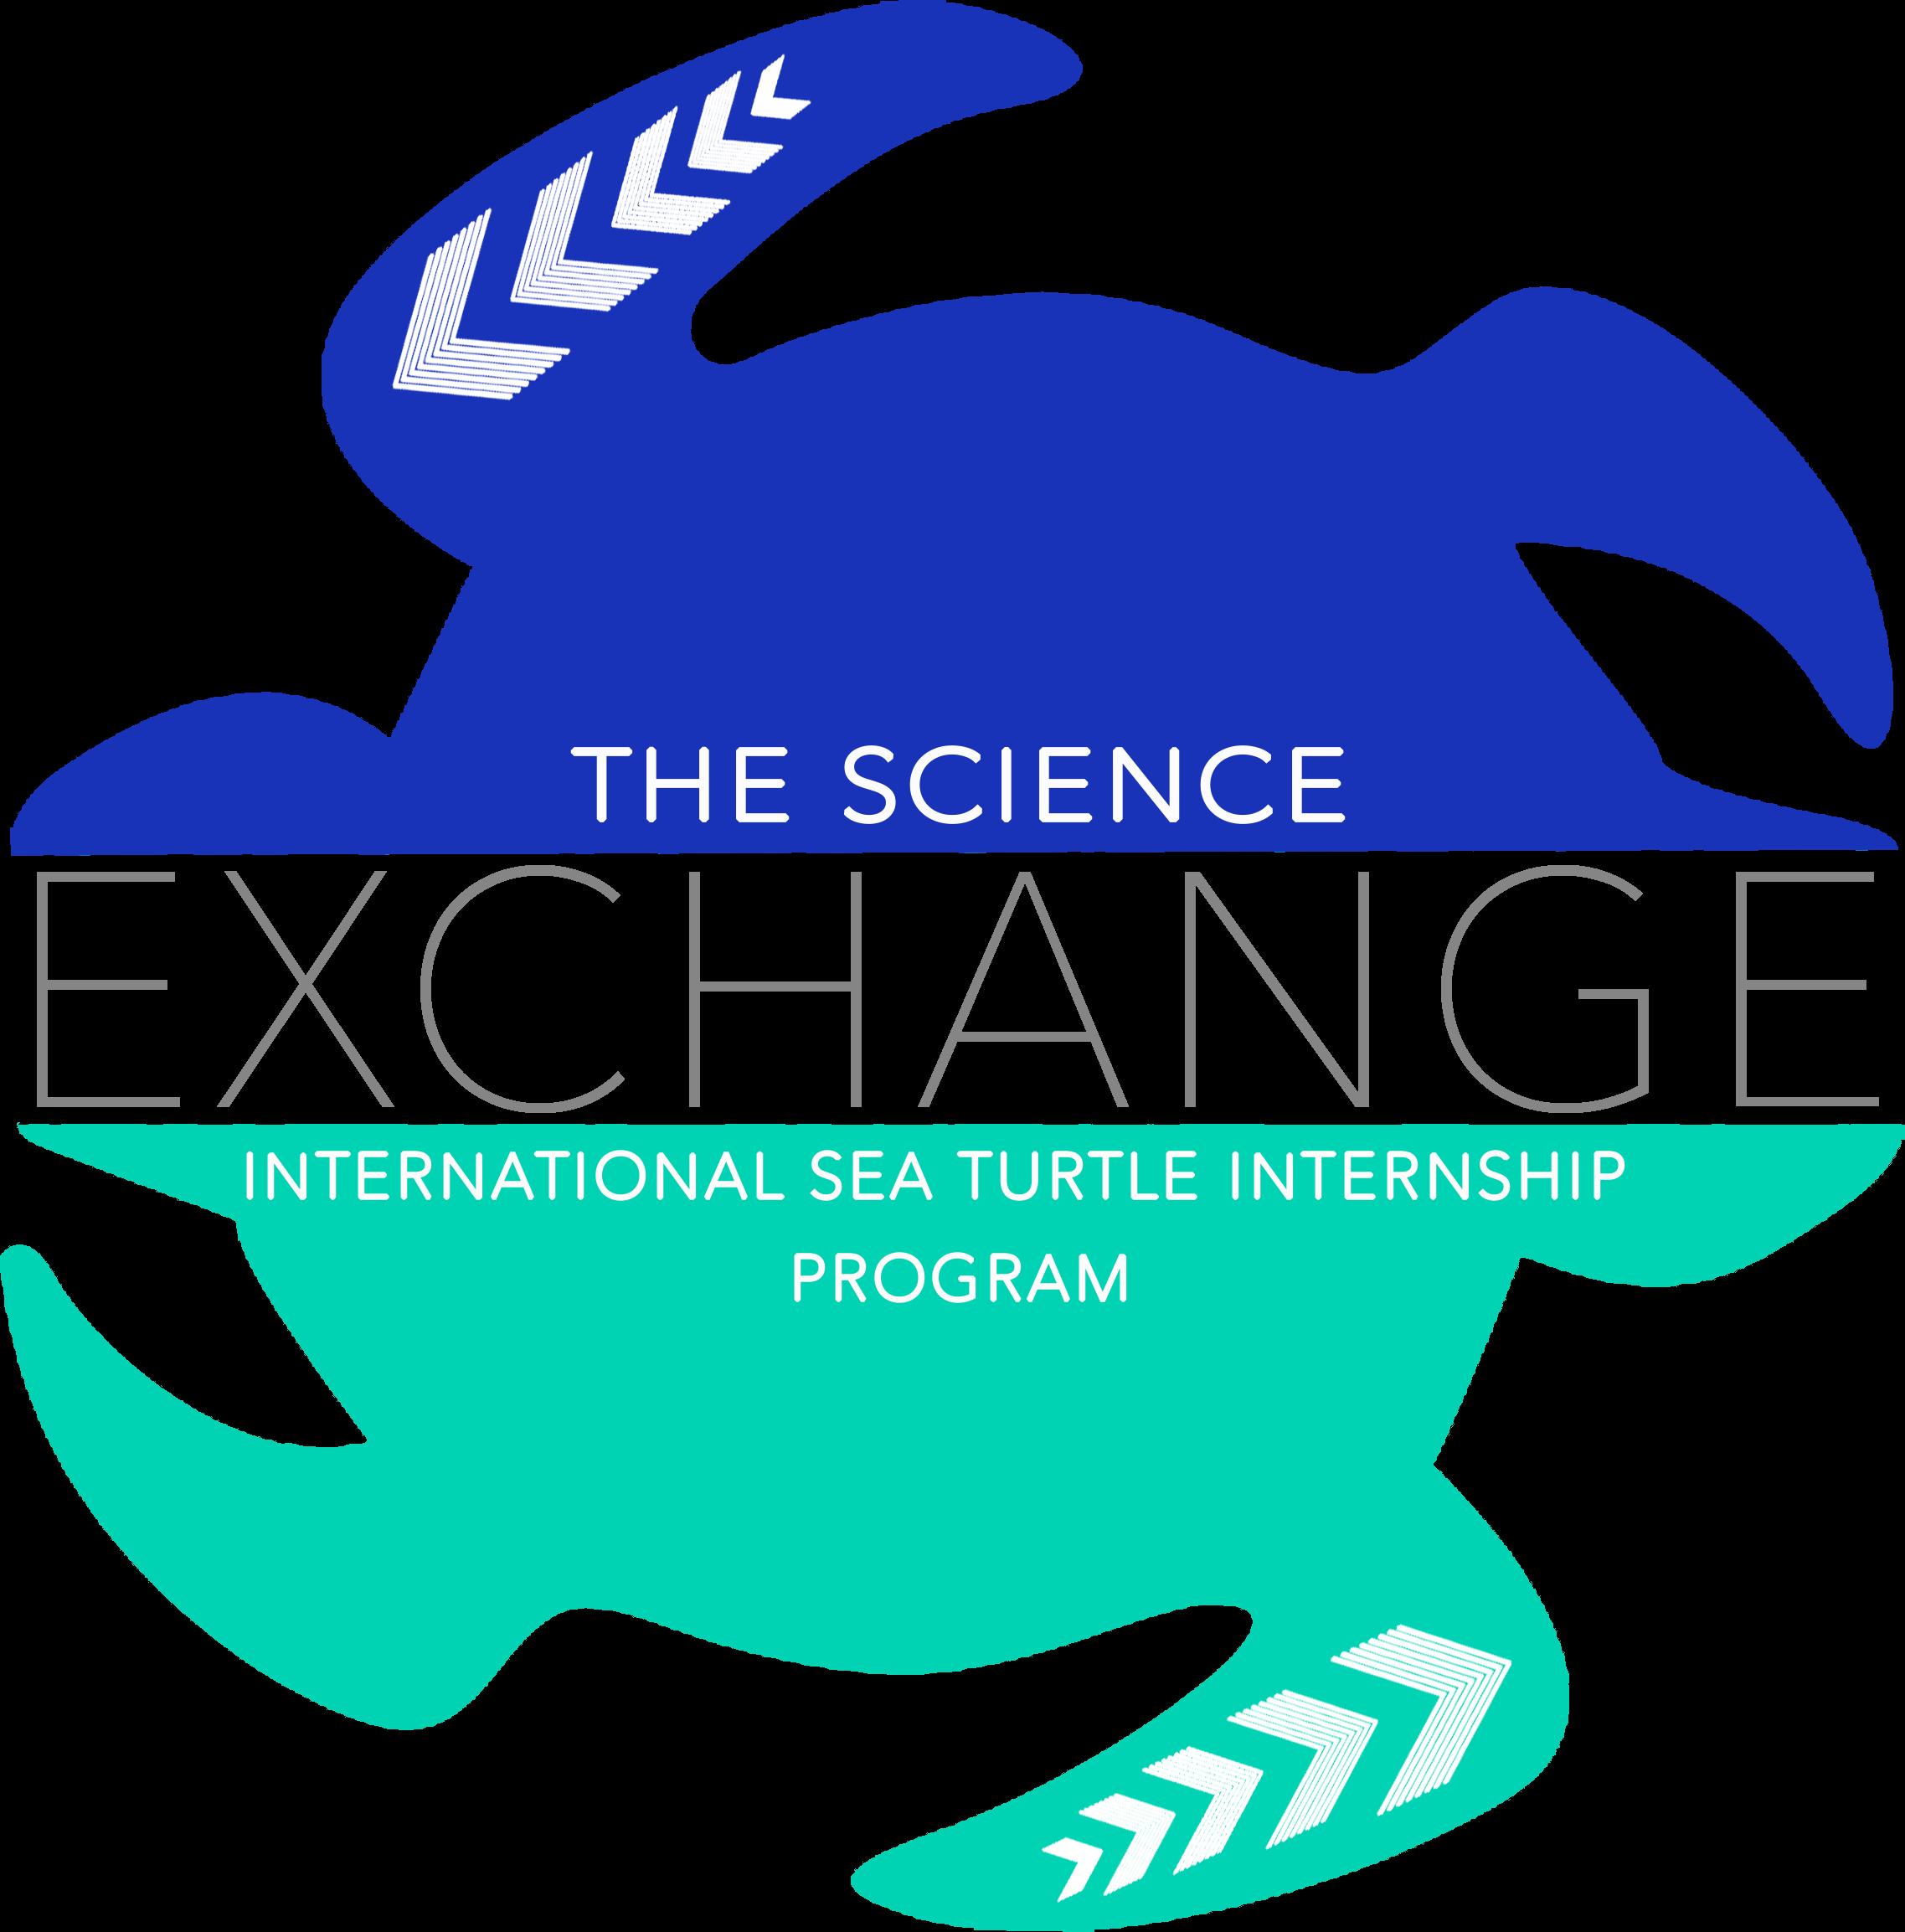 tse_program_logo.png